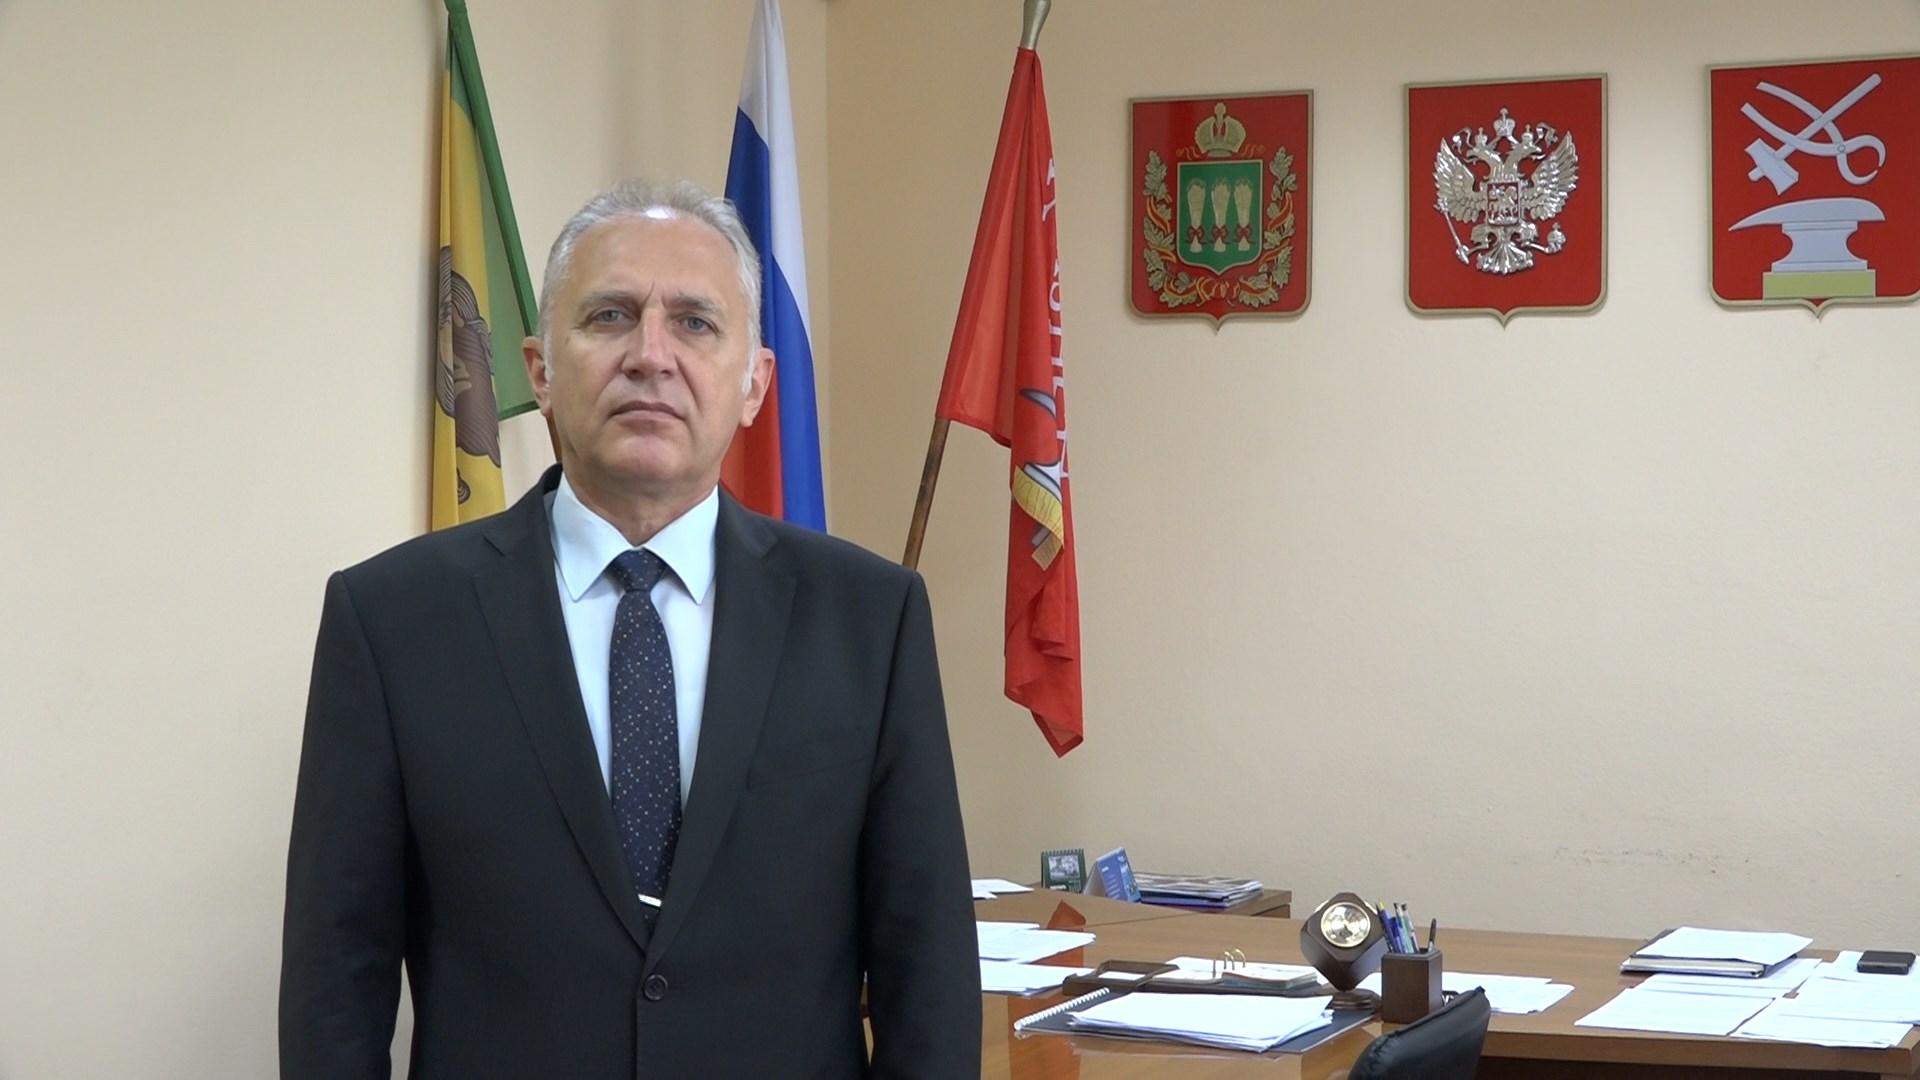 Обращение главы администрации города Кузнецка Сергея Златогорского к кузнечанам